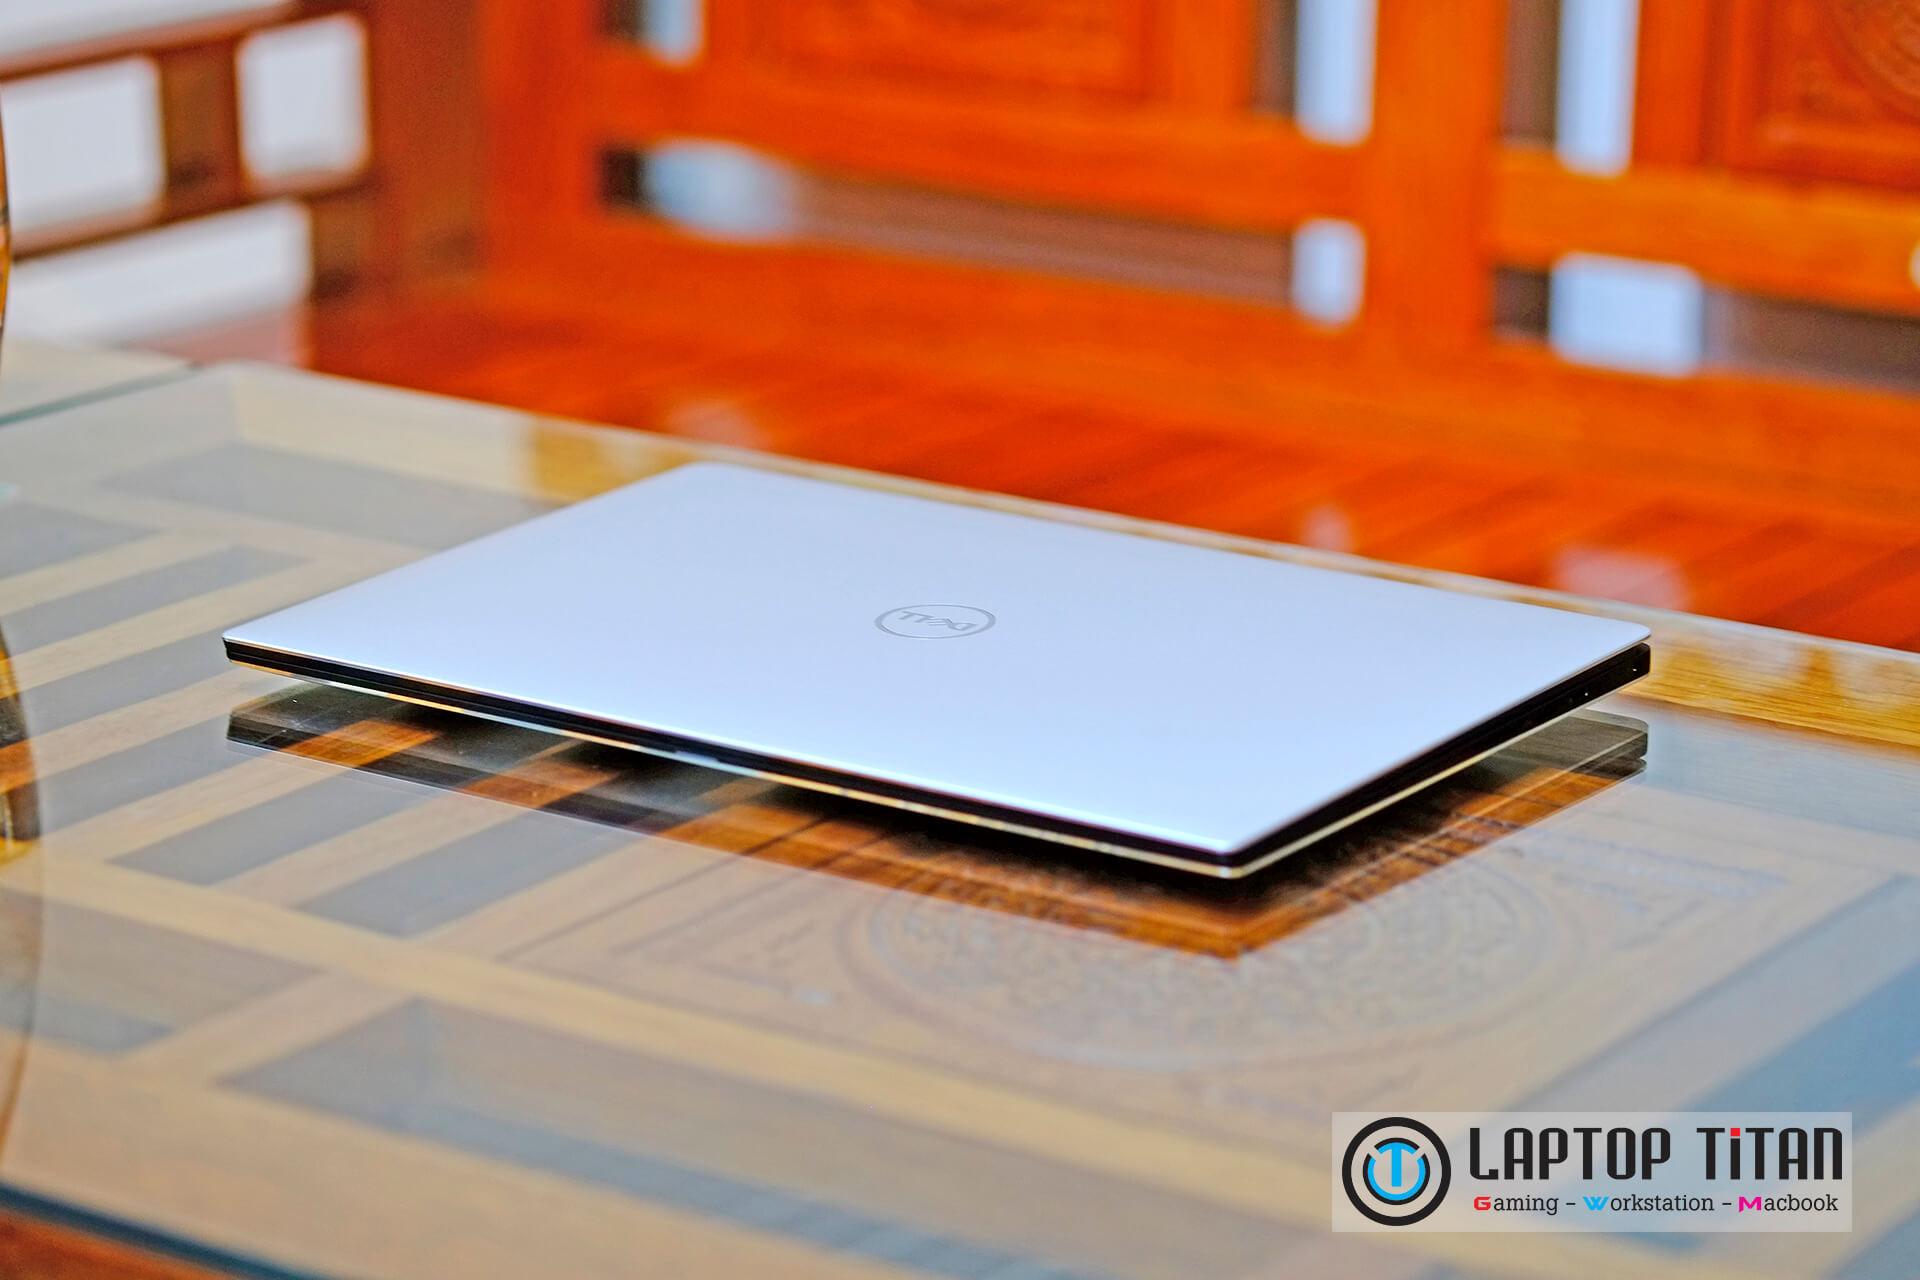 Dell Xps 13 7390 Laptoptitan 03